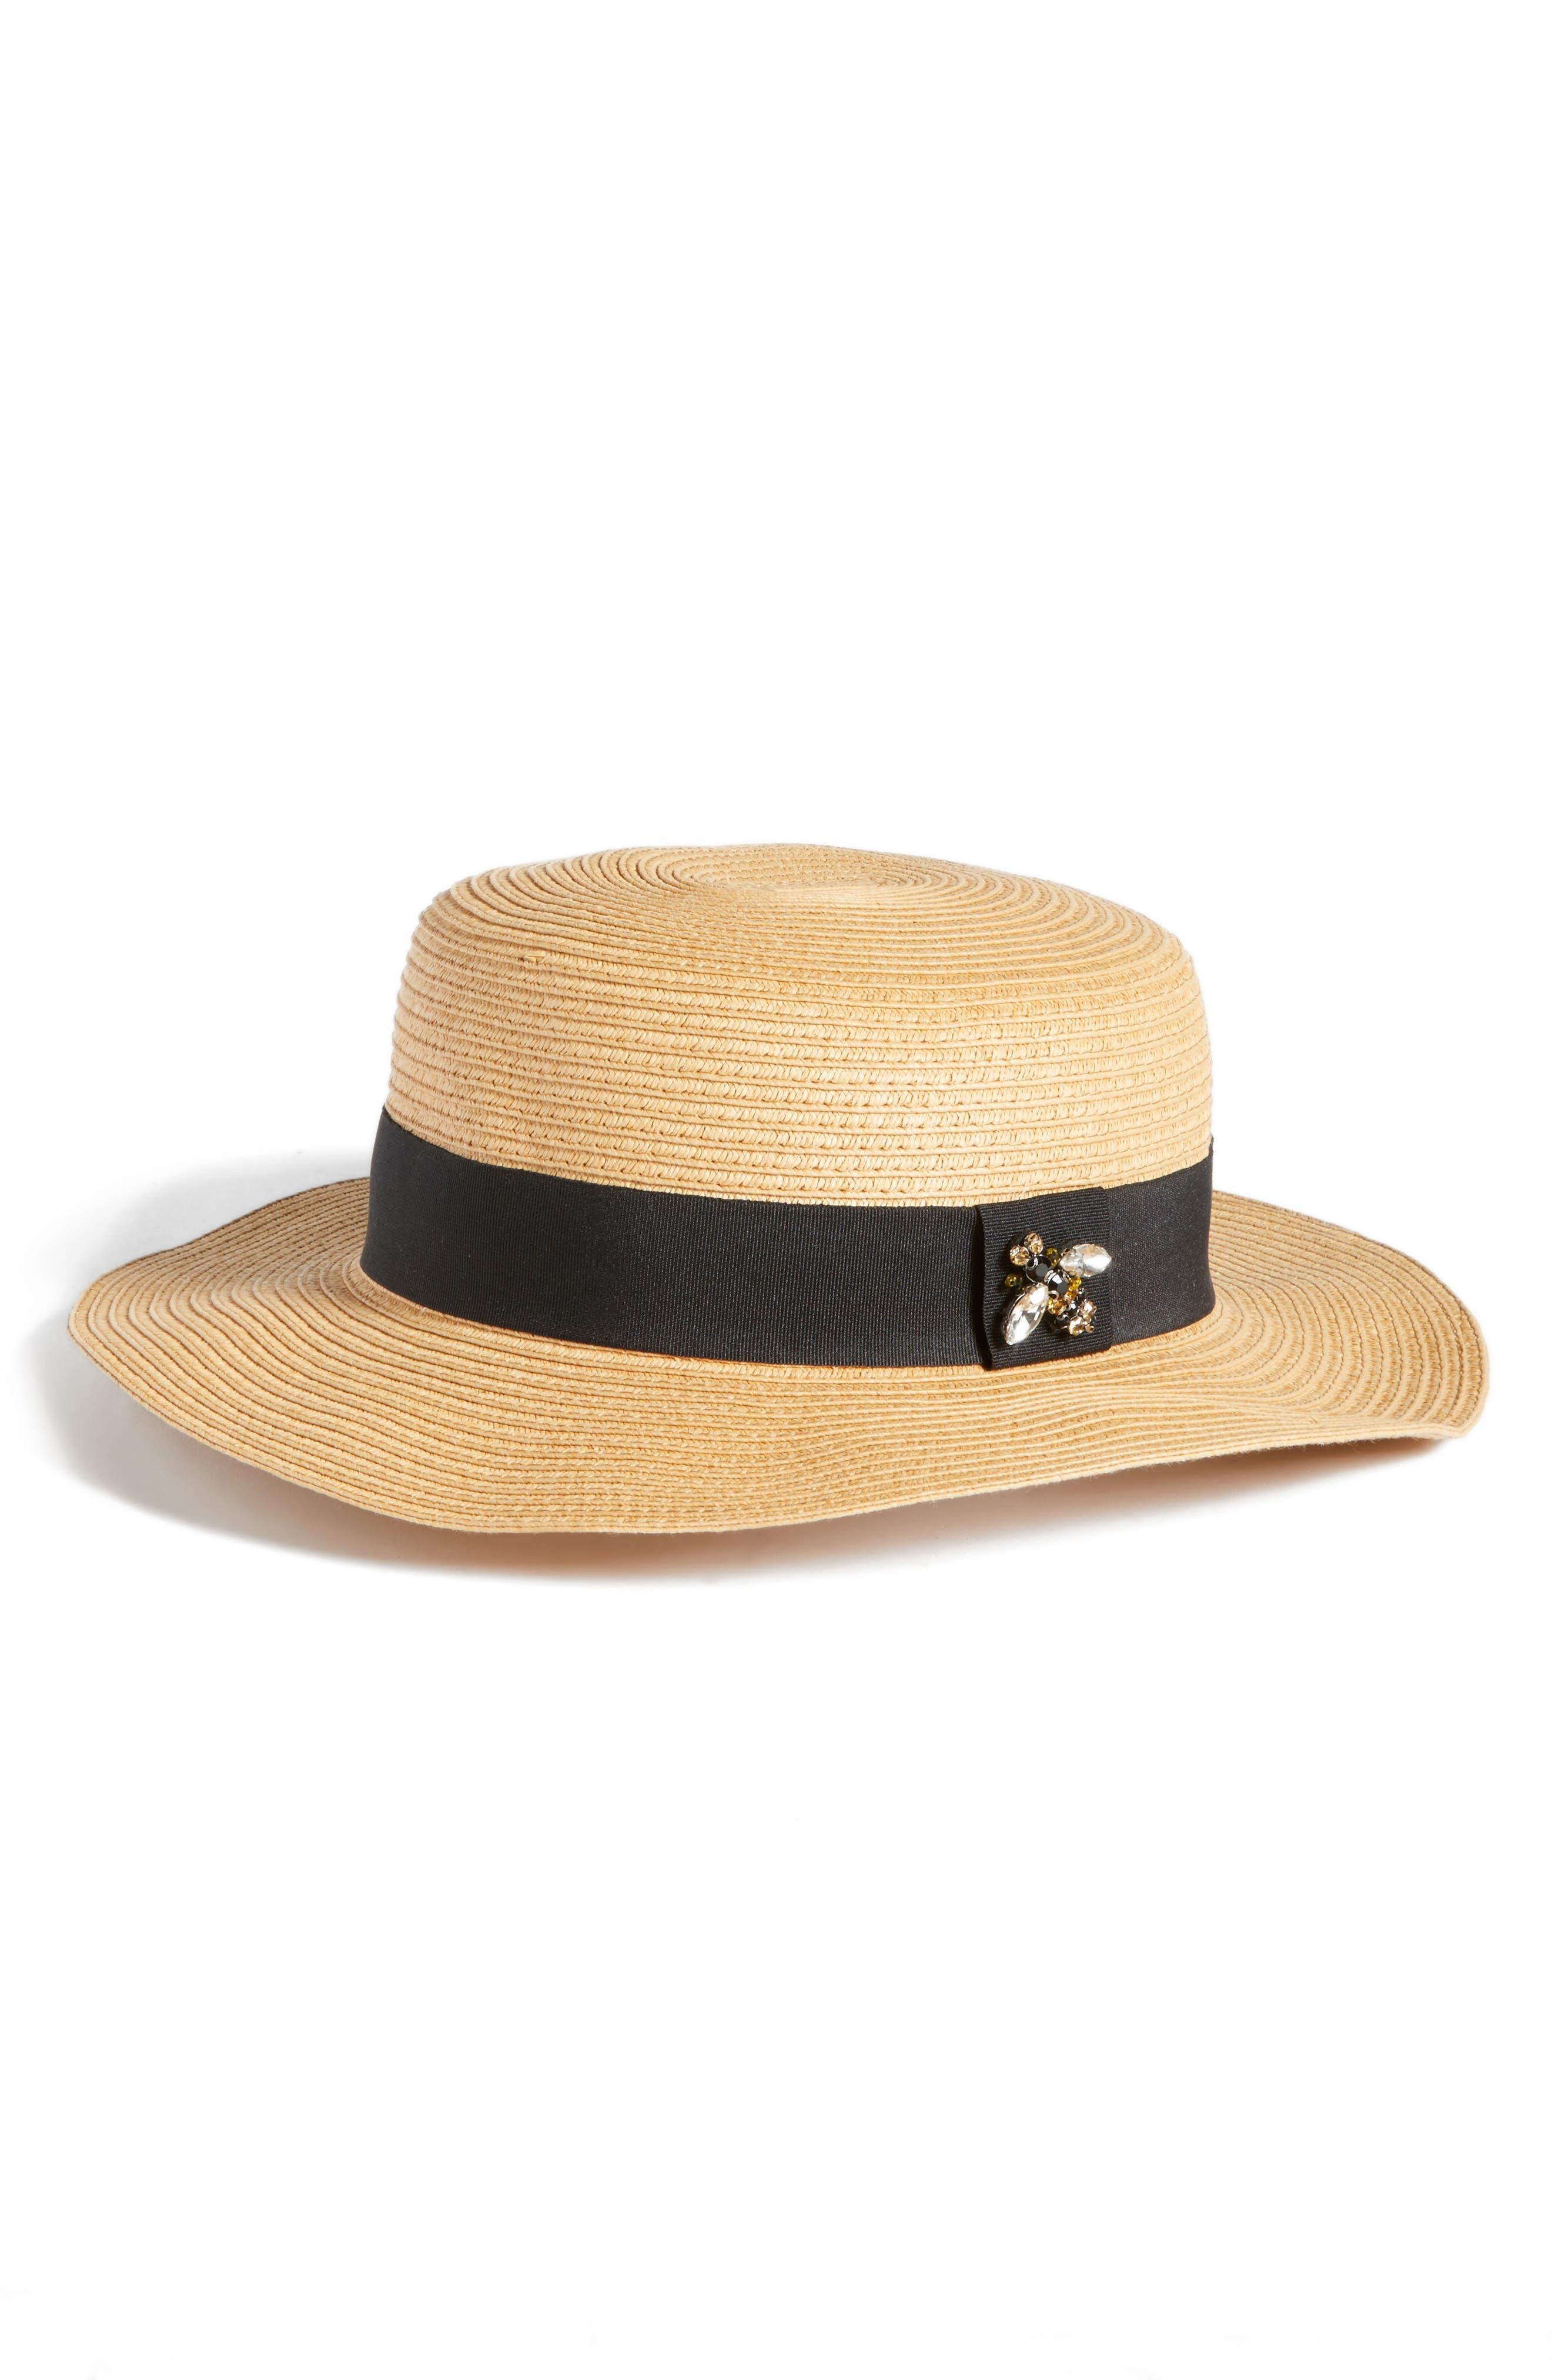 Straw Boater Hat,                             Main thumbnail 1, color,                             Tan Dark Natural